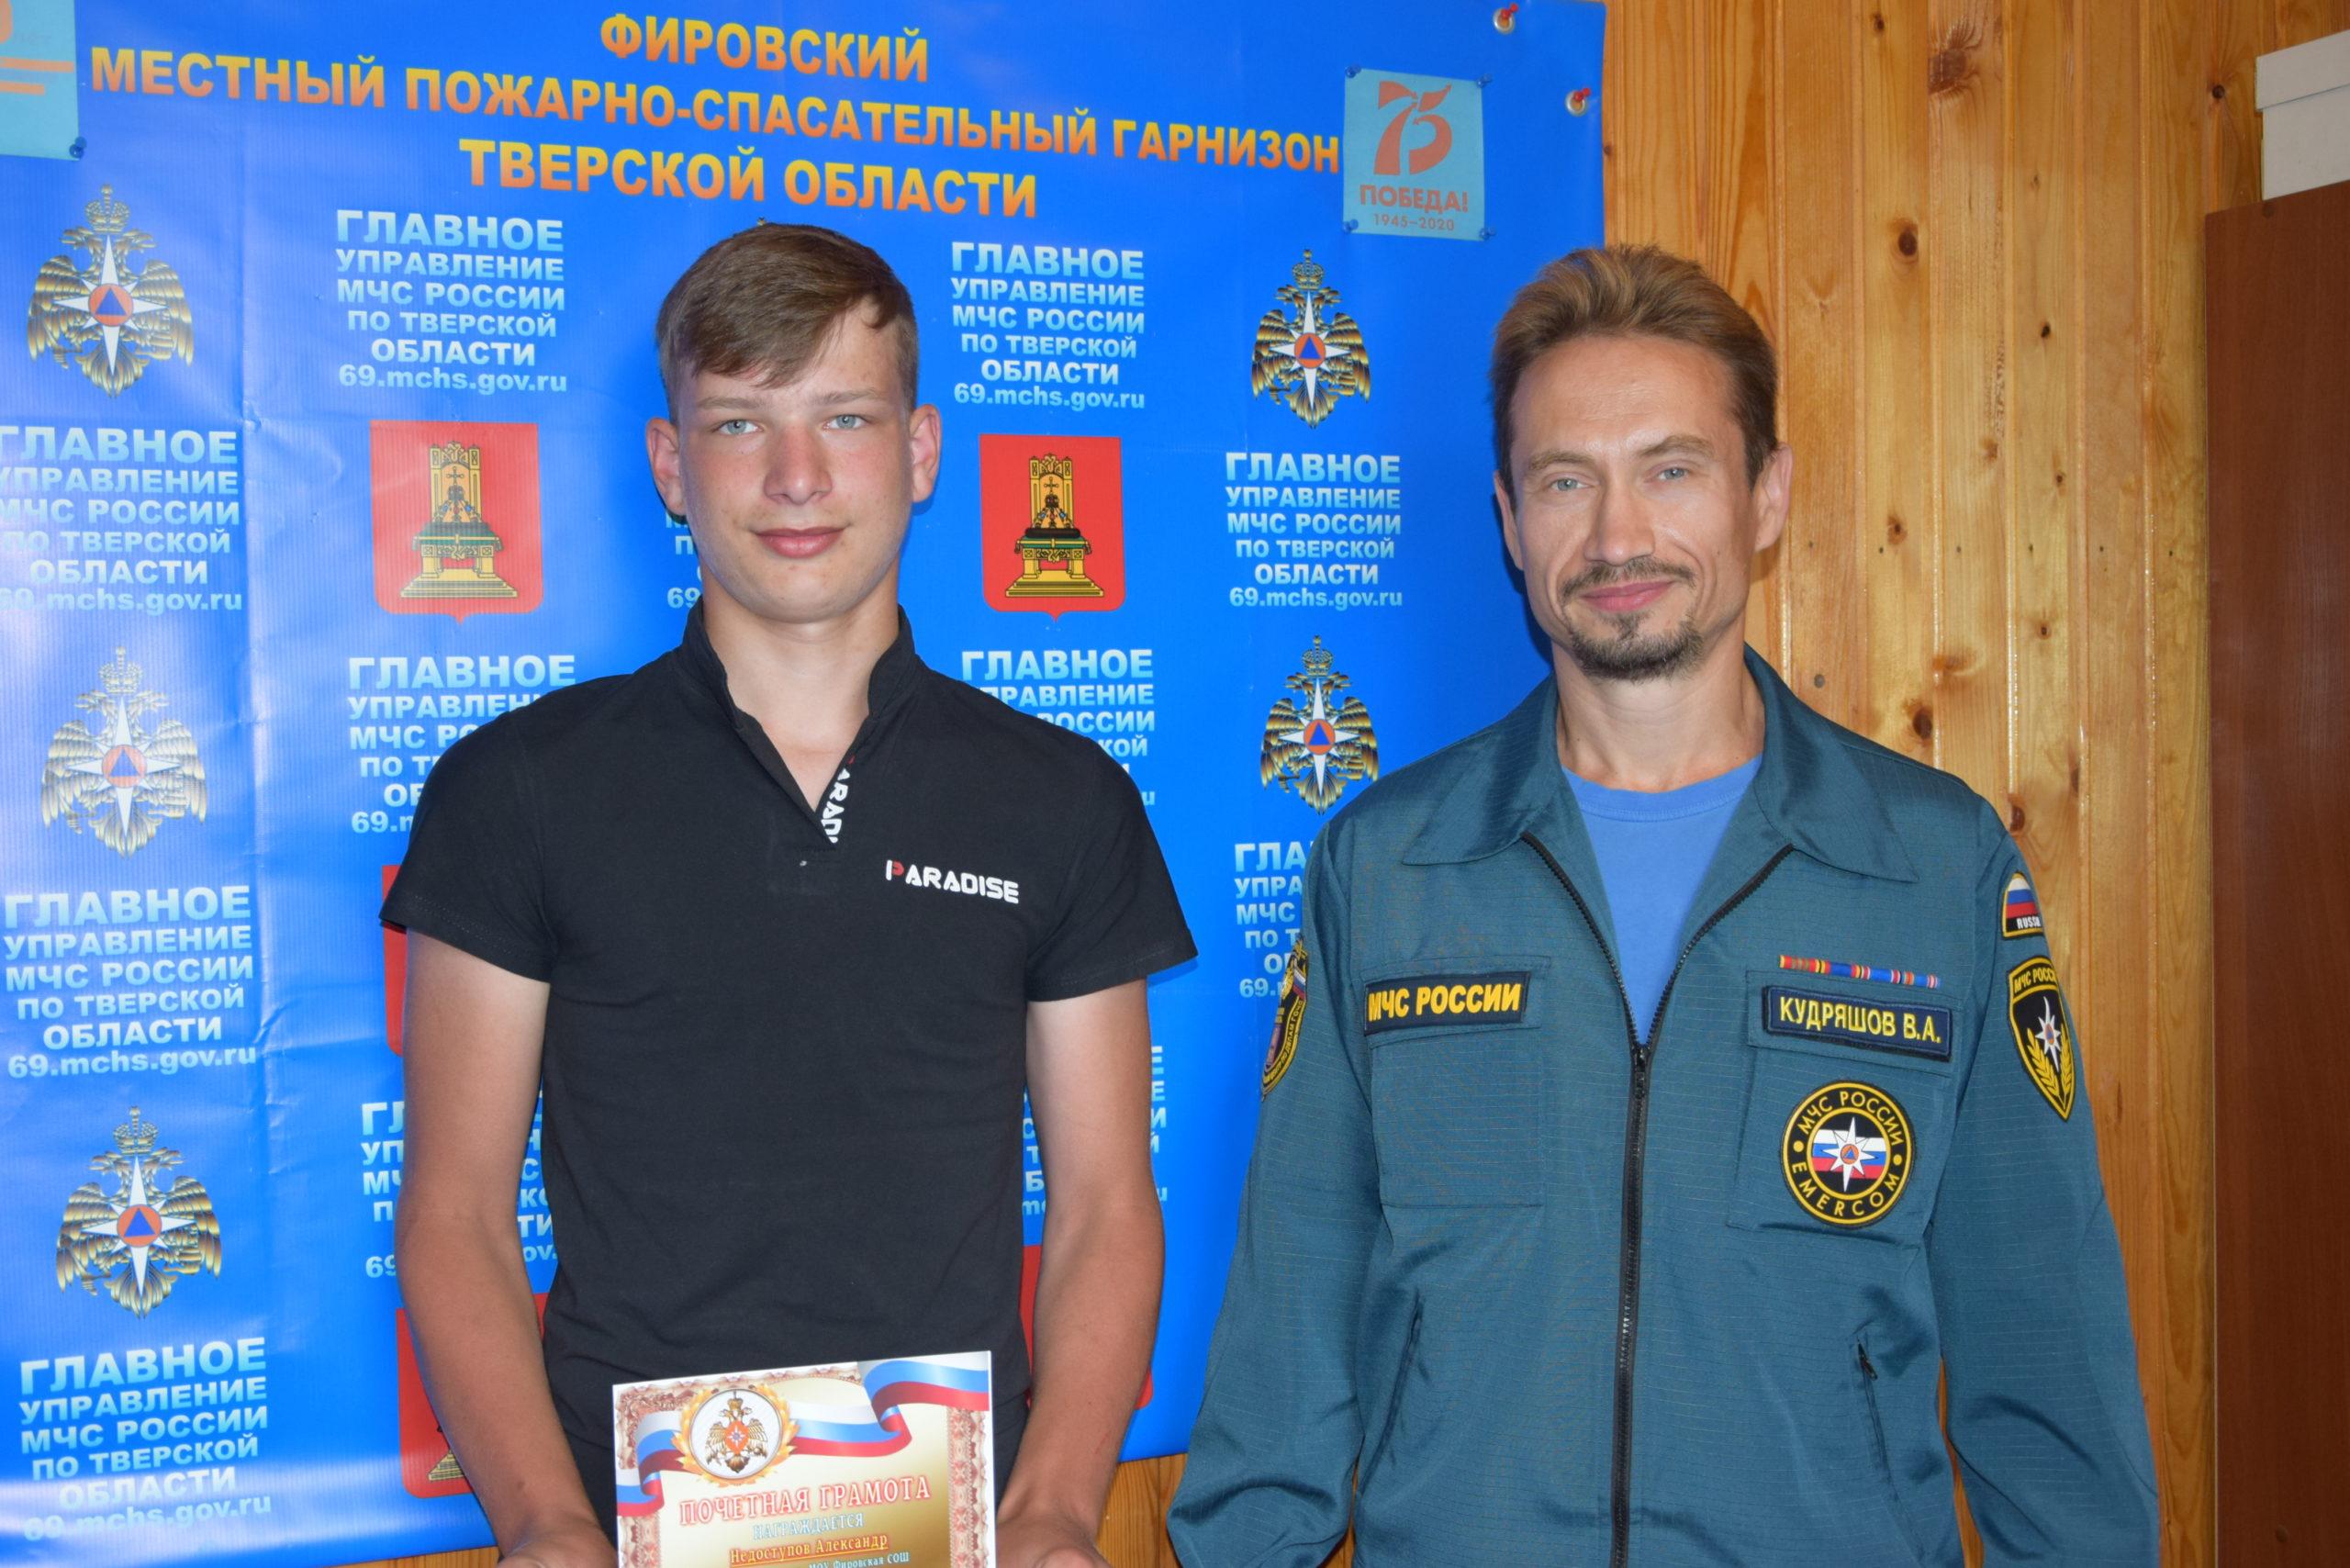 Школьника из Тверской области наградили за героическое спасение двух мальчиков